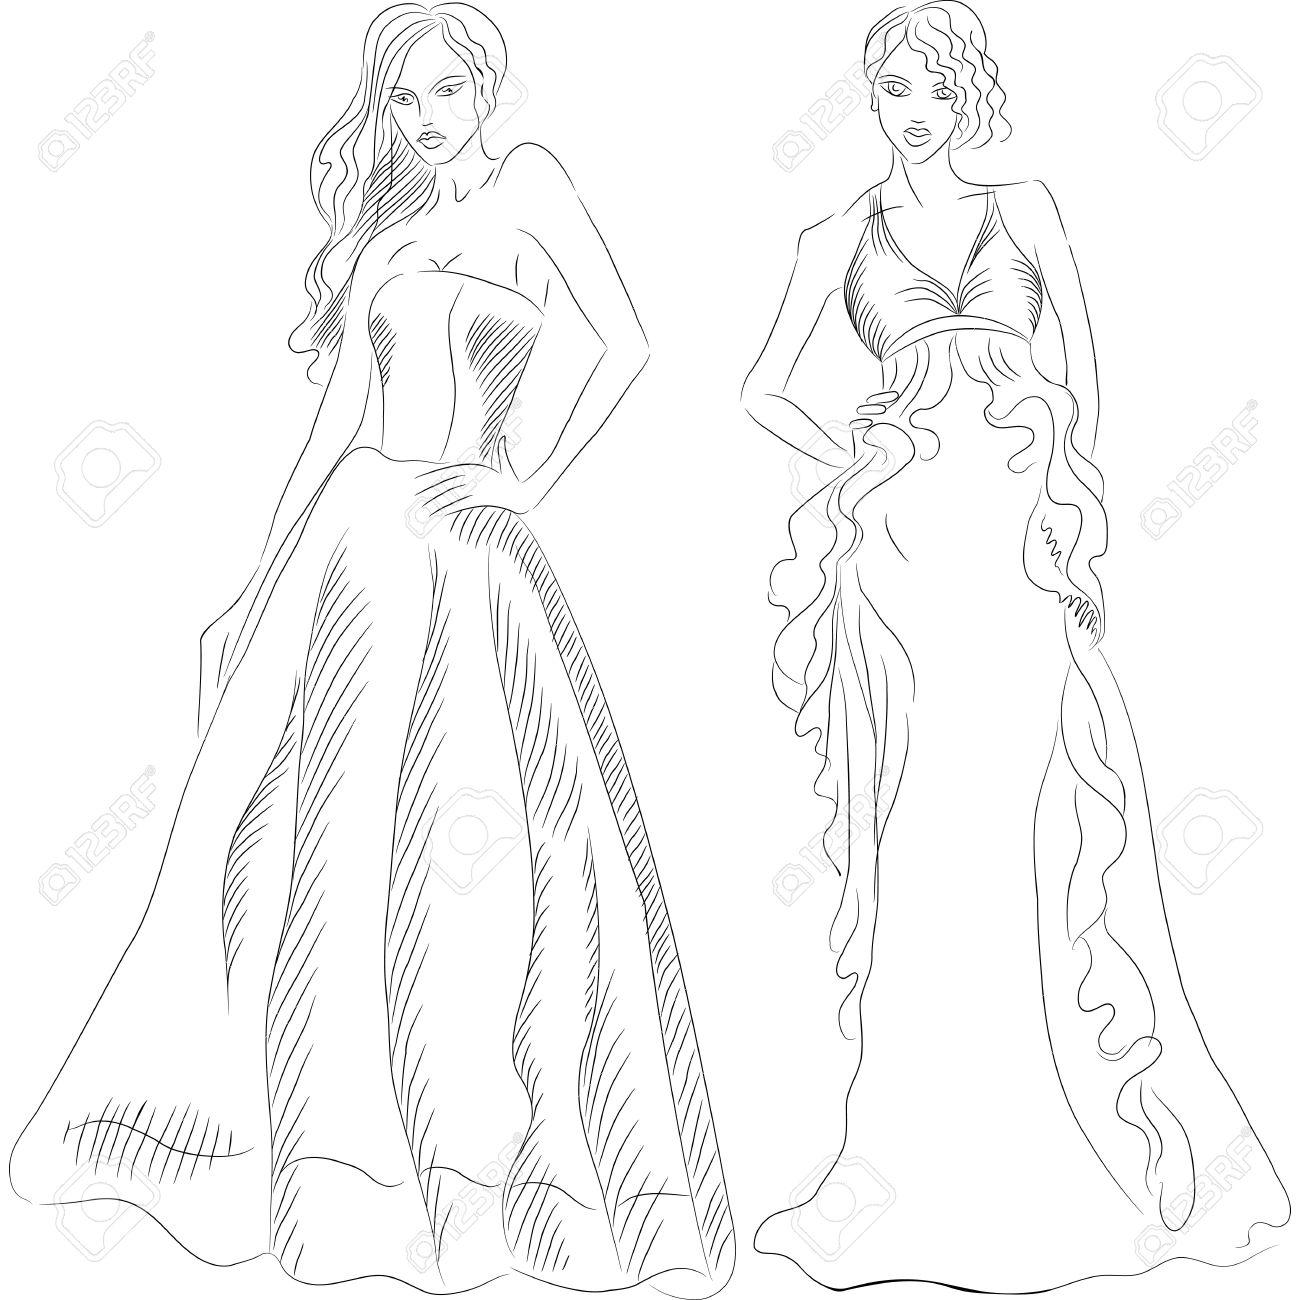 Vestidos de noche para dibujar